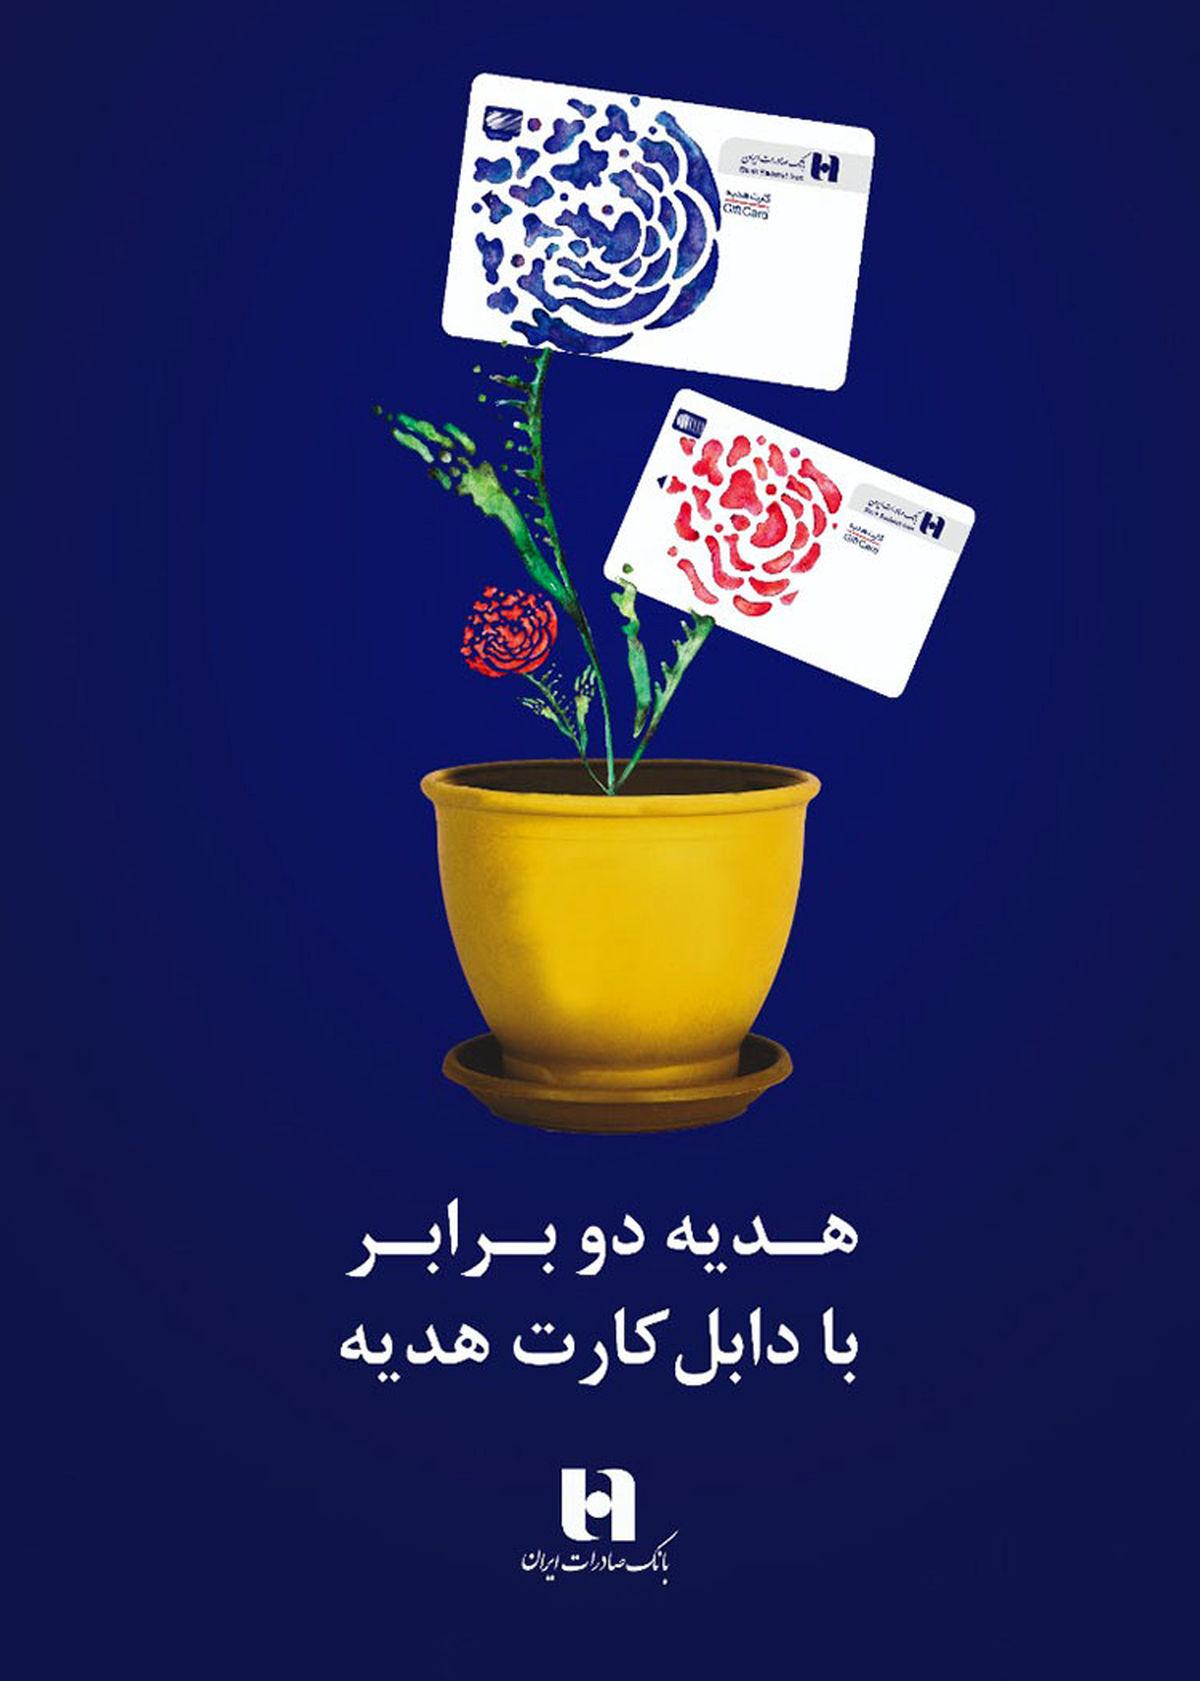 ٢٠٠ برنده طرح «دابل کارت هدیه» باشگاه مشتریان بانک صادرات مشخص شدند